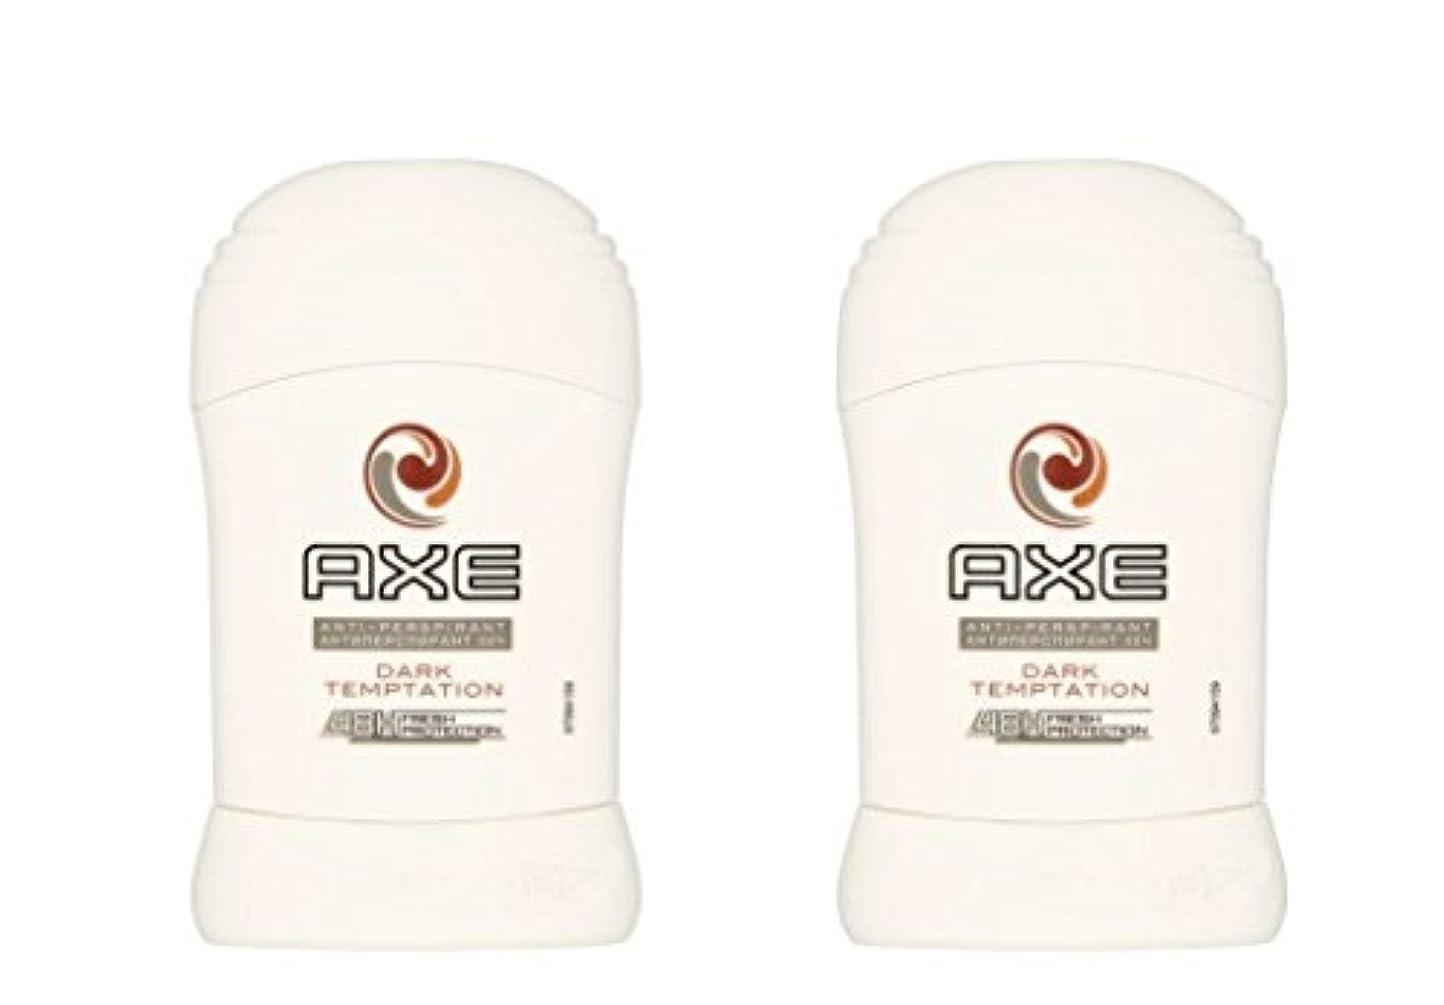 対処平野トラフ(Pack of 2) Axe Dark Temptation Anti-perspirant Deodorant Sold Stick for Men 2x50ml - (2パック)斧暗い誘惑制汗剤デオドラント固体スティック...